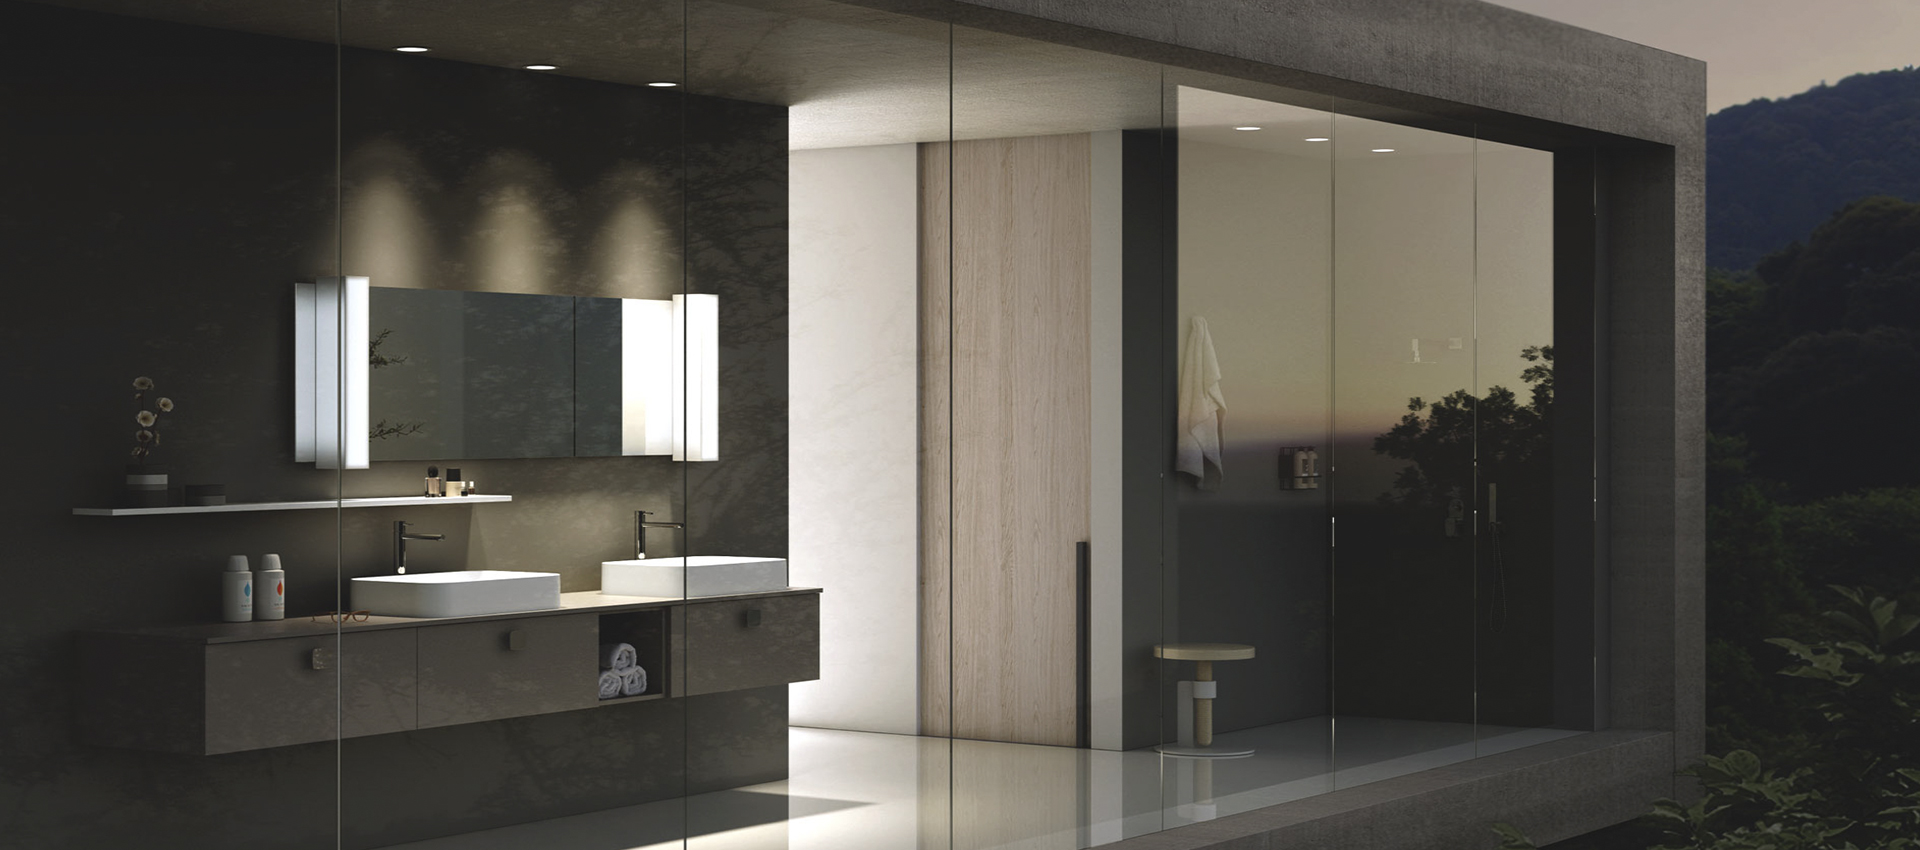 Produzione mobili bagno brianza outlet arredo bagno monza for Arredamenti brianza outlet